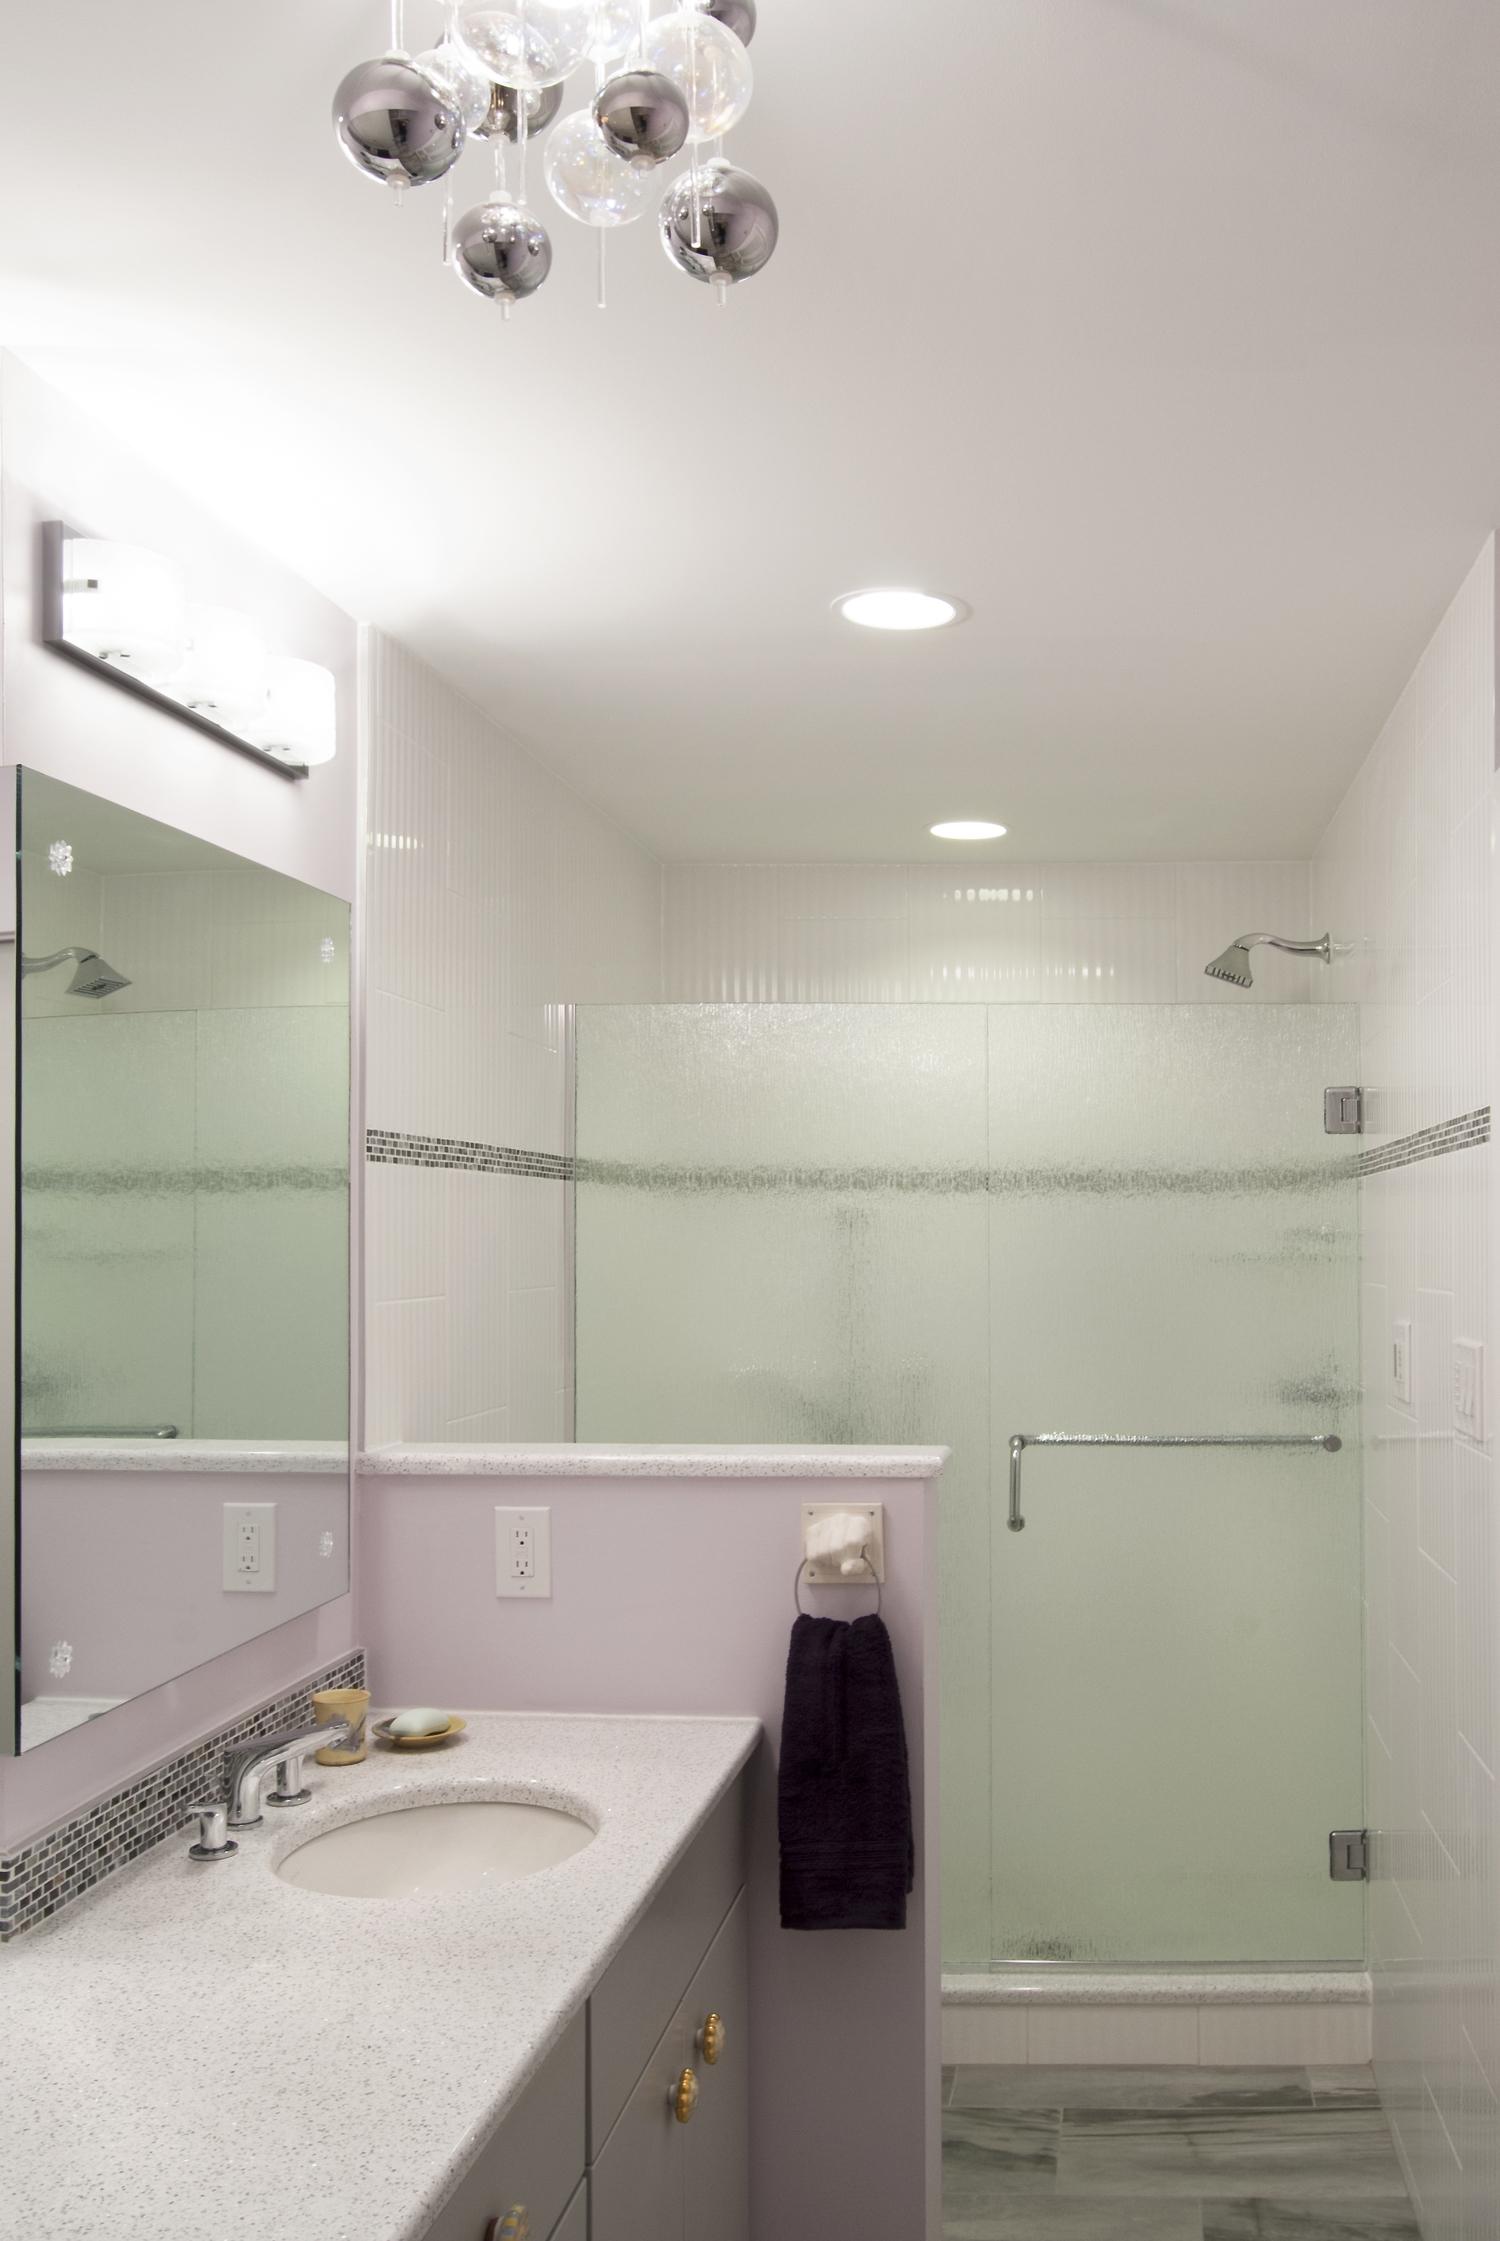 White tiled shower